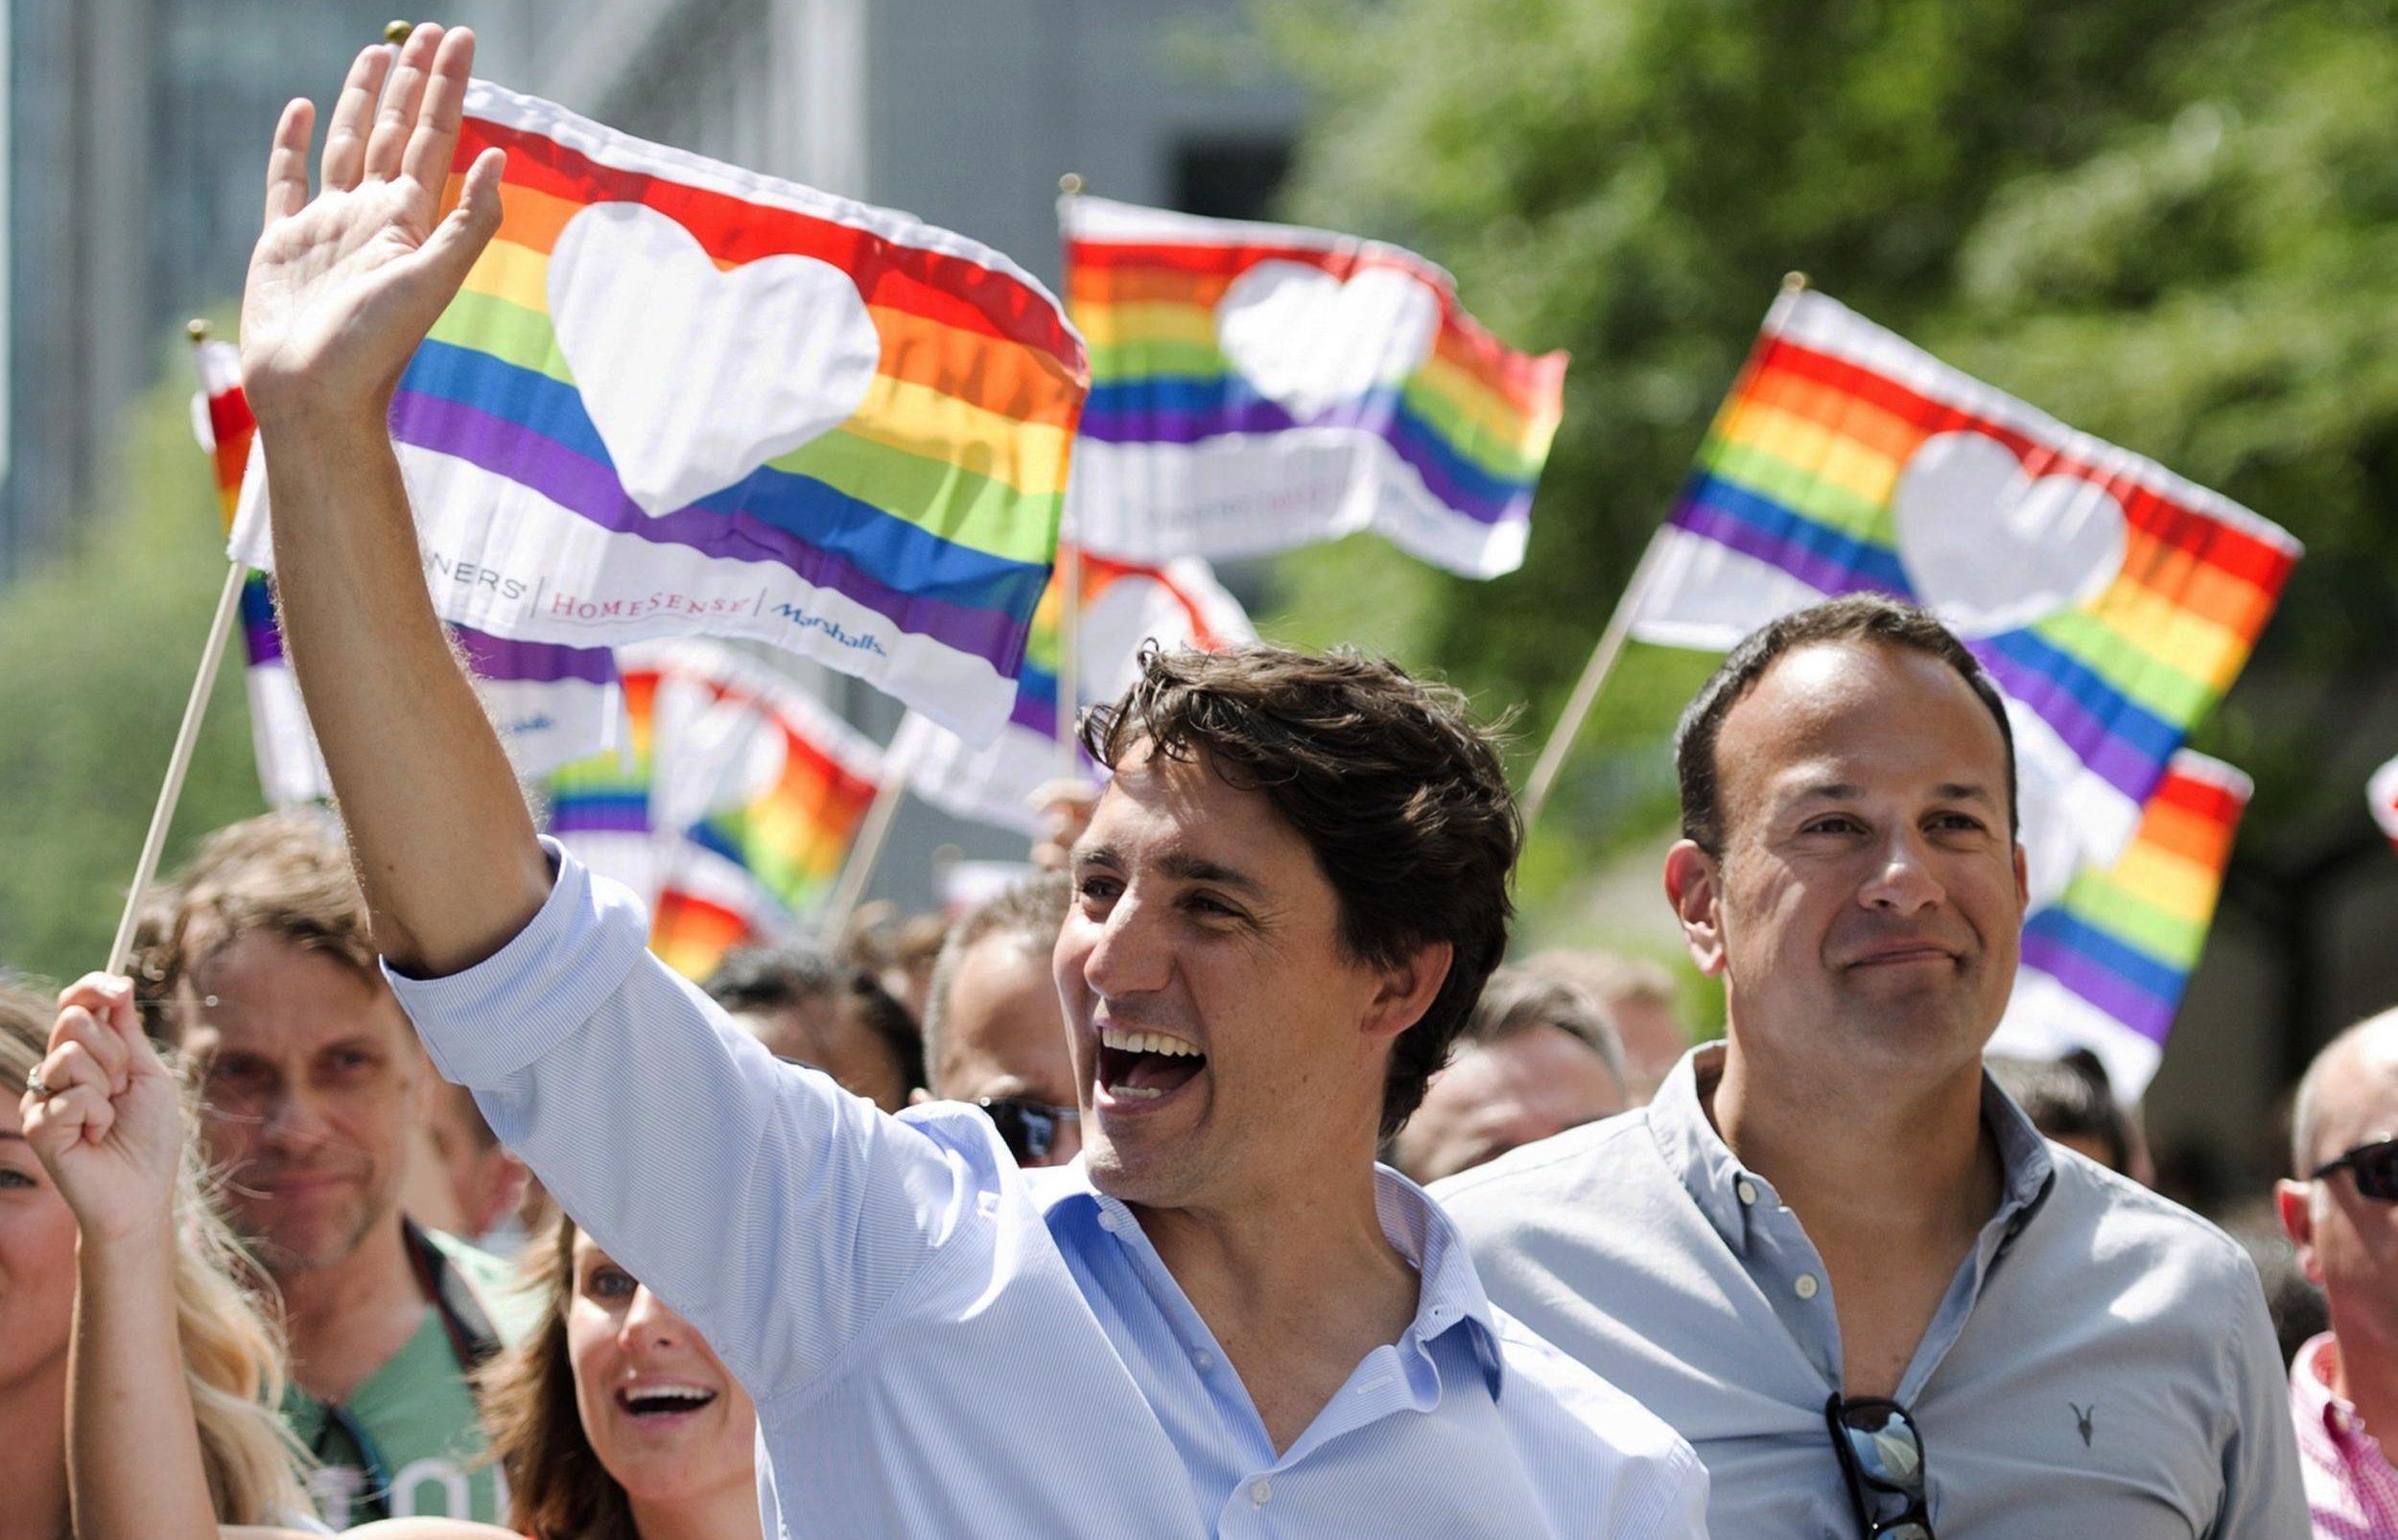 Kanada Anayasa Mahkemesinden Karar: LGBT Hakları Dini İnançlardan Daha Önemli